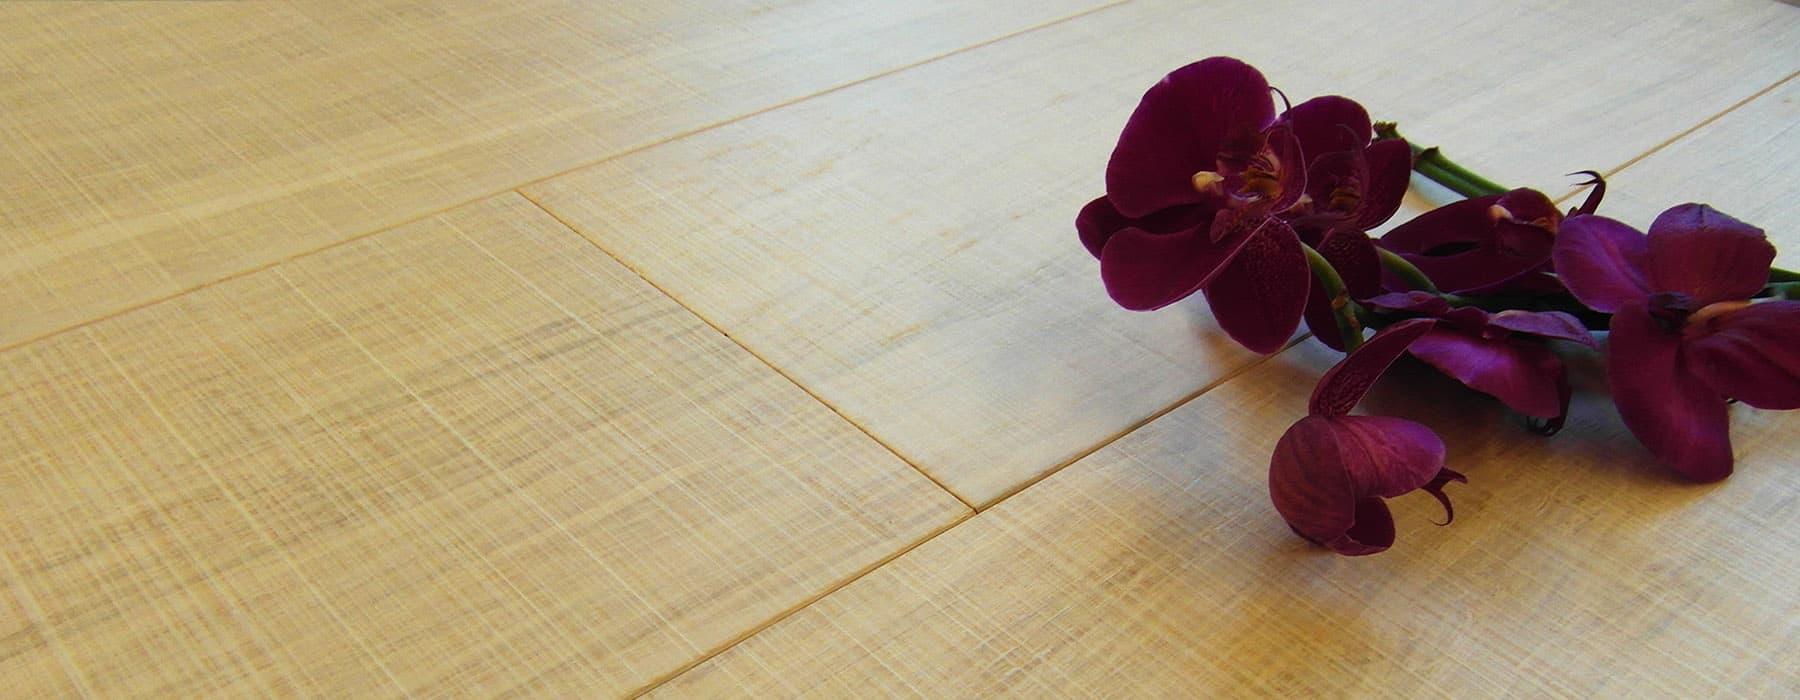 Pavimenti in bamboo parquet e pavimenti in bambu for Parquet armony floor